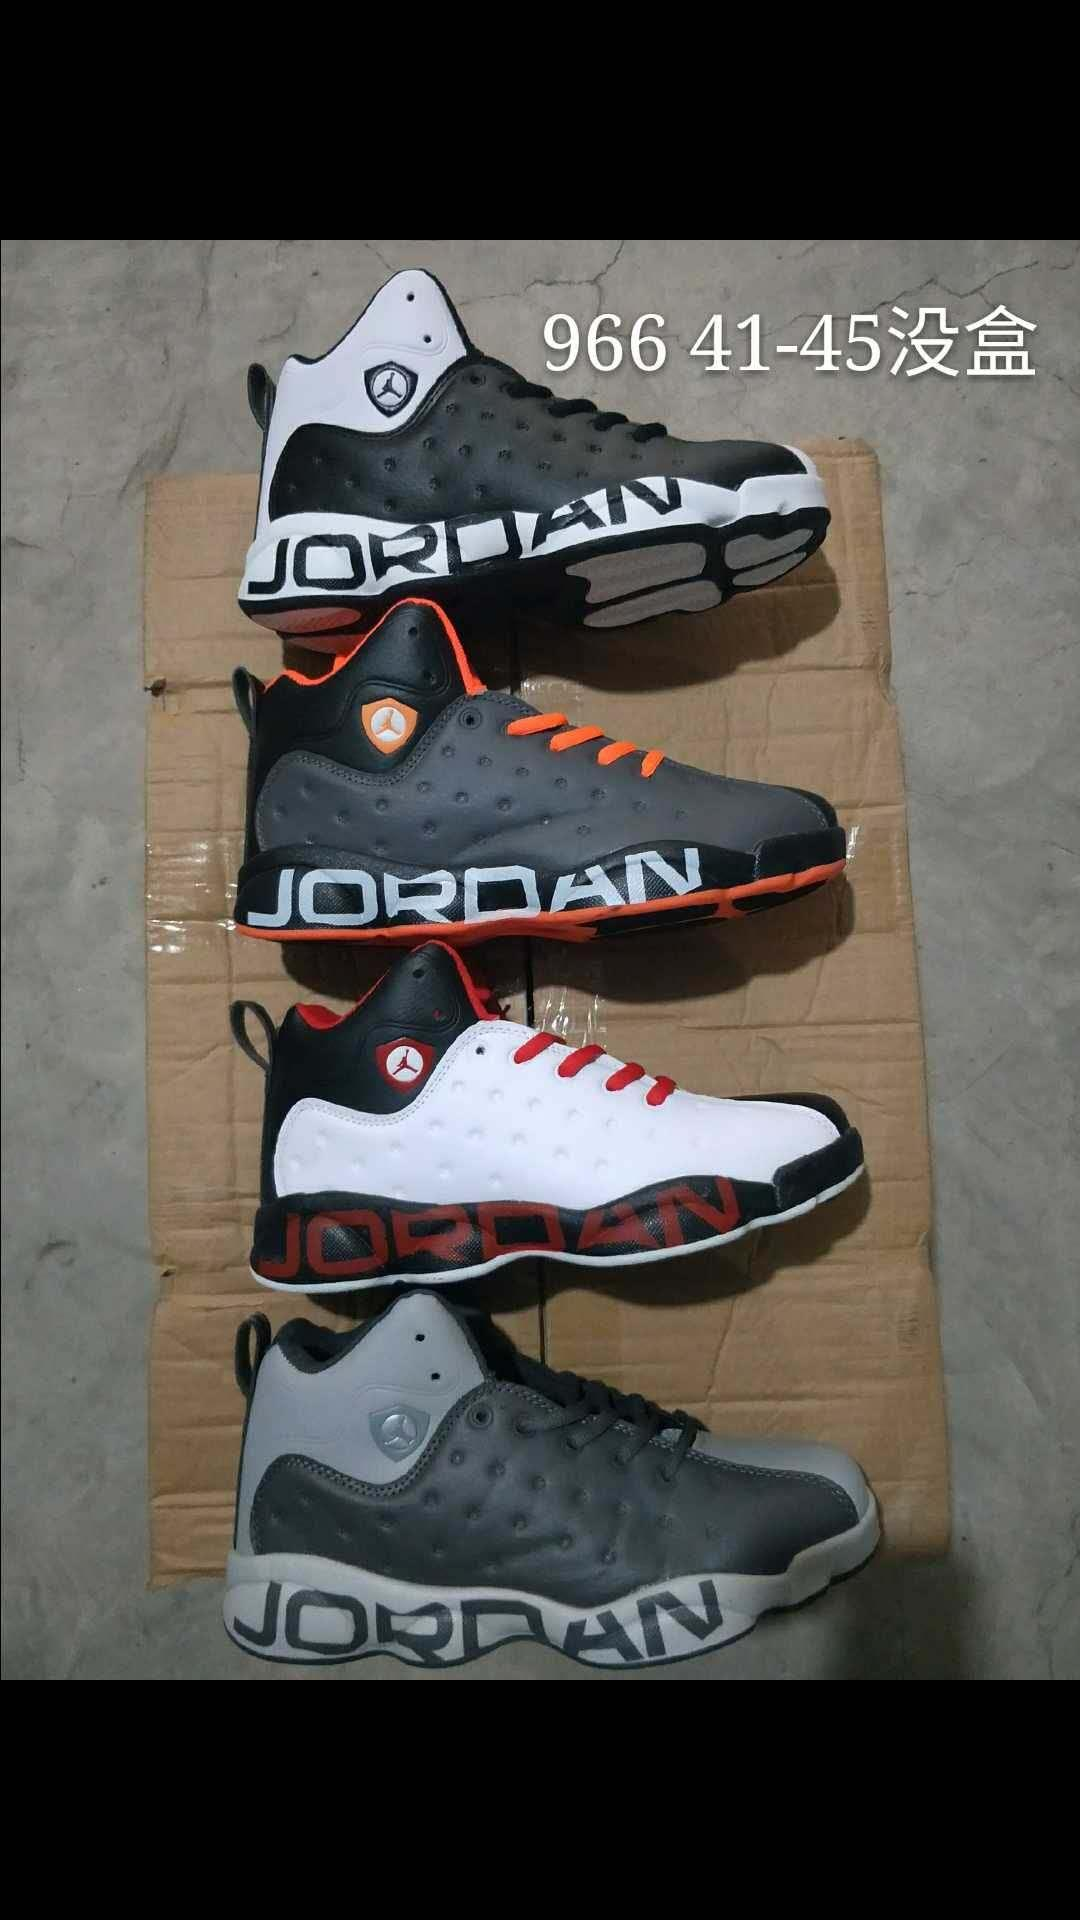 07547b39dc3 Jordan Philippines  Jordan price list - Jordan Backpack   Duffle Bag ...